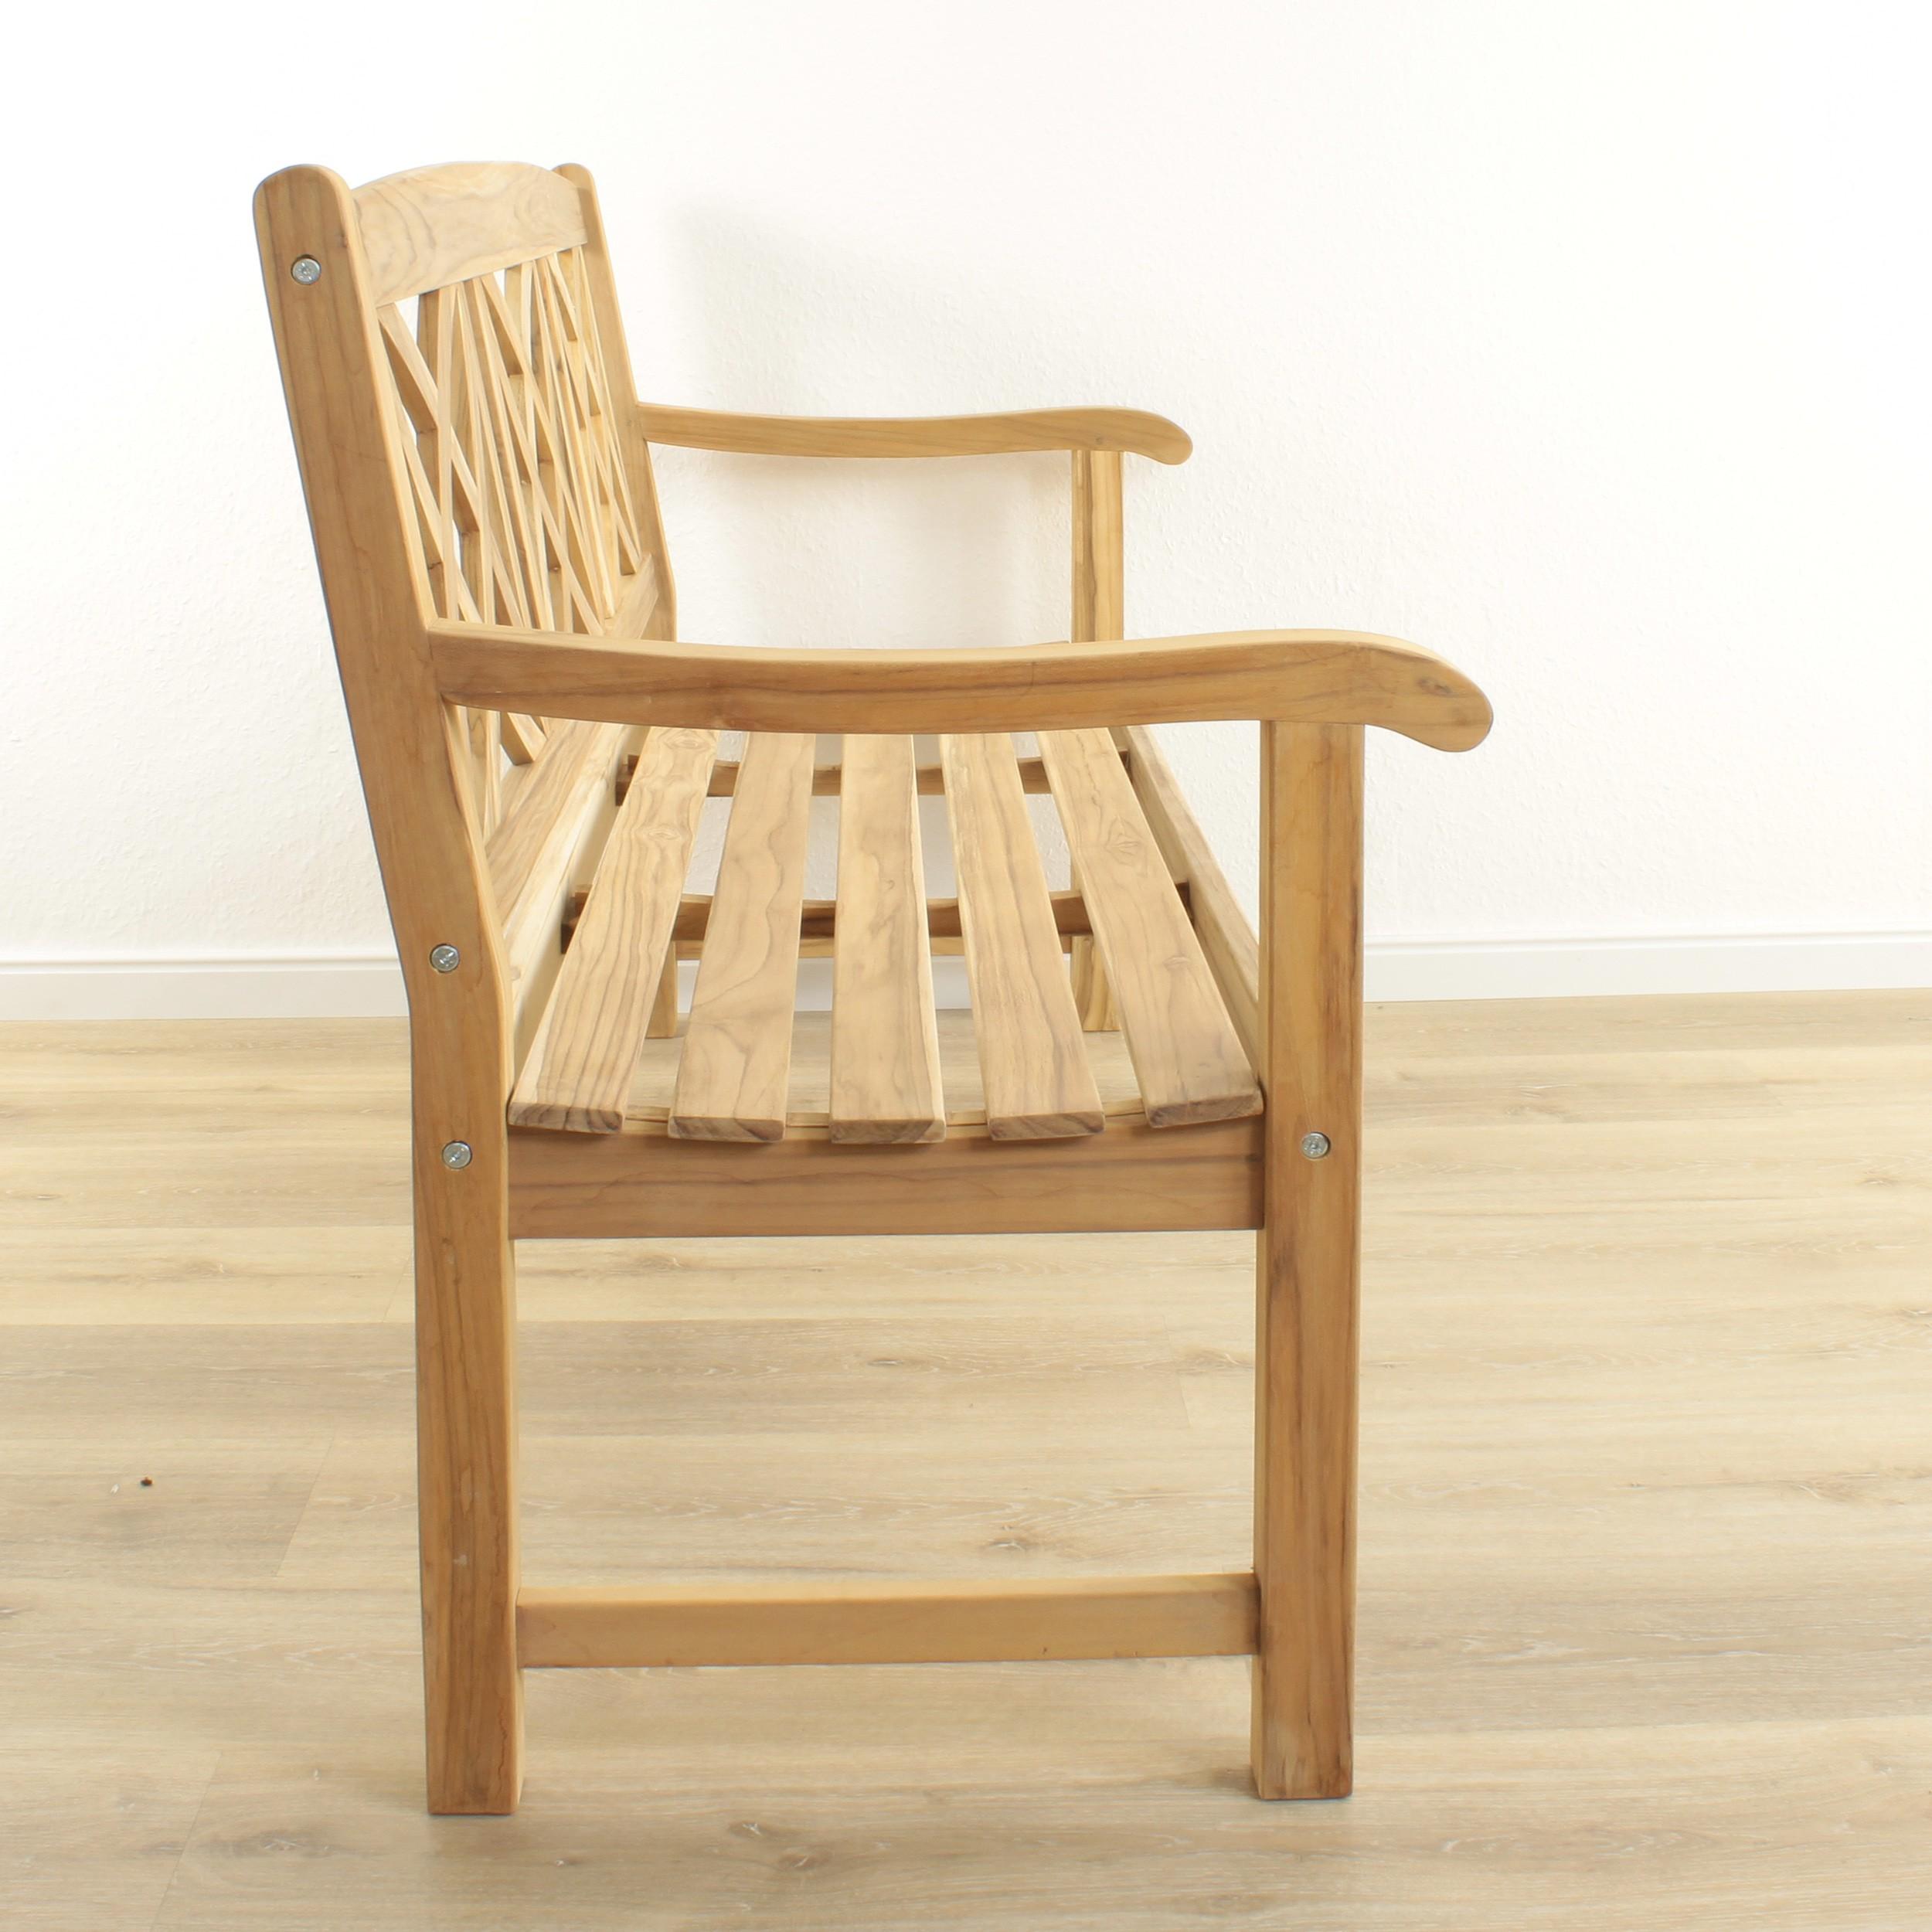 teakholz gartenbank bench 3 sitzer. Black Bedroom Furniture Sets. Home Design Ideas